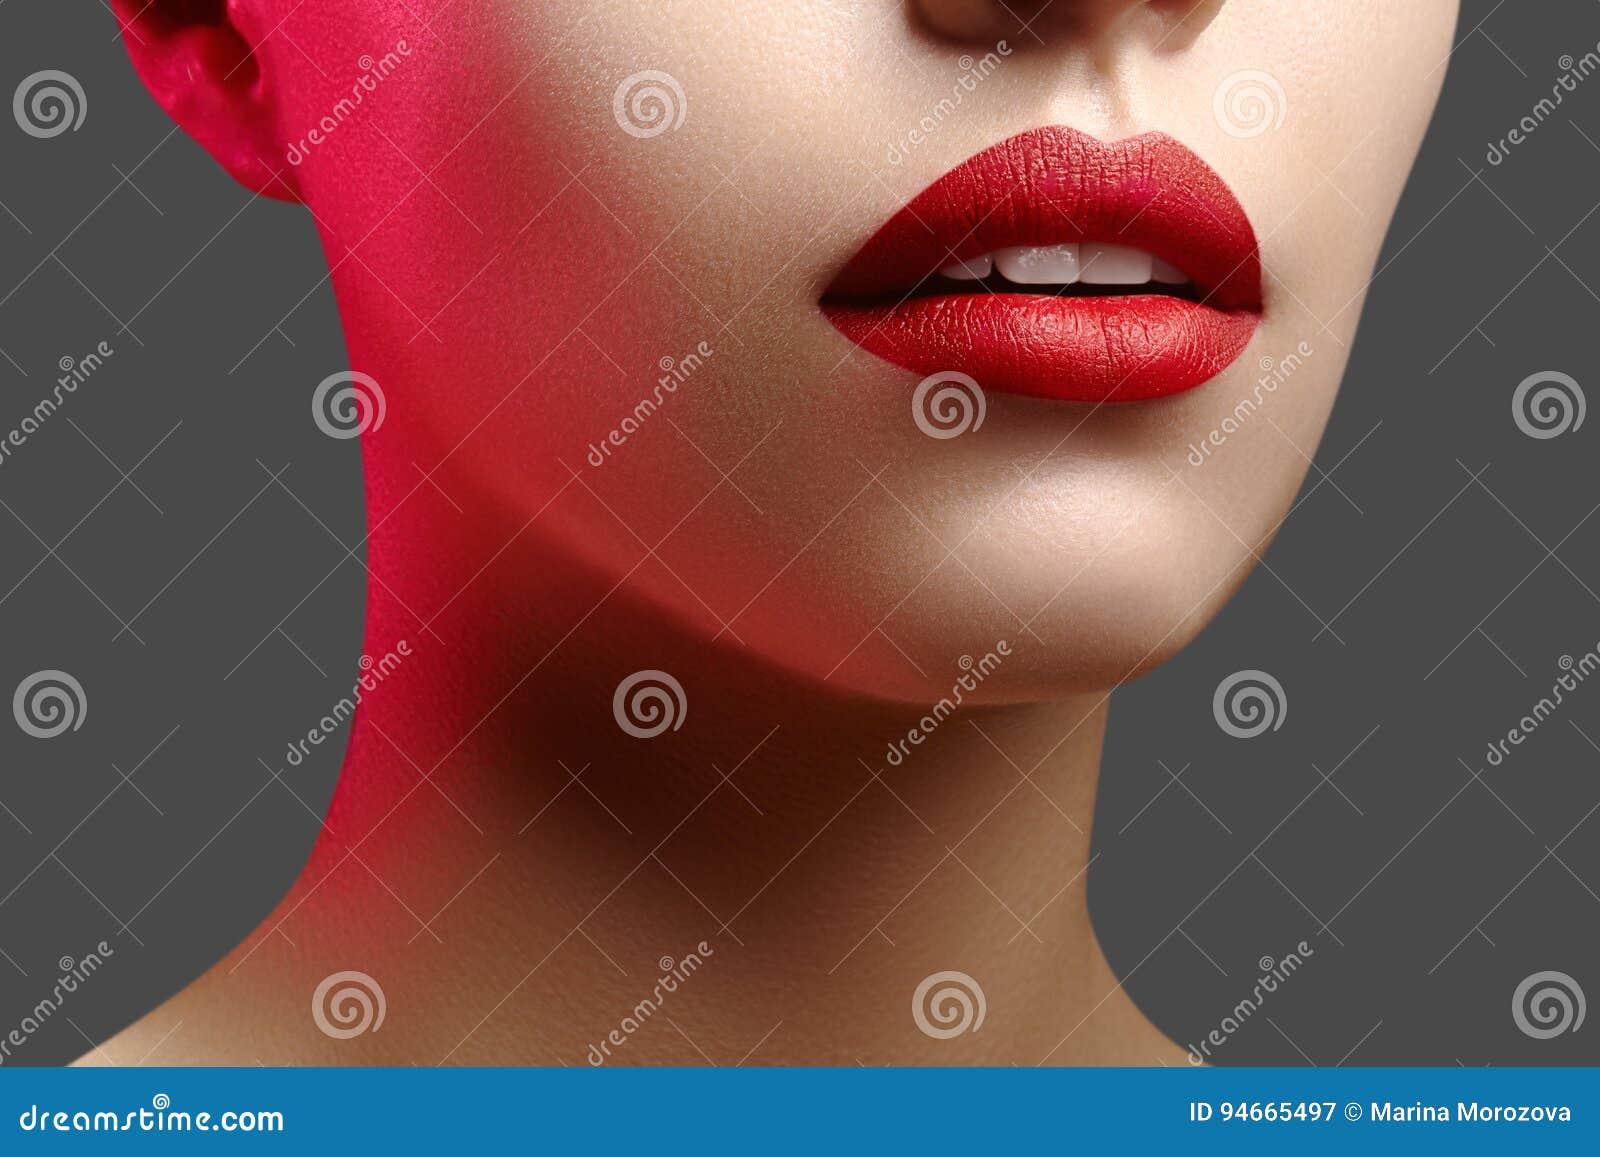 Skönhetsmedel makeup Ljus läppstift på kanter Closeup av den härliga kvinnliga munnen med röd kantmakeup Ren hudmodell